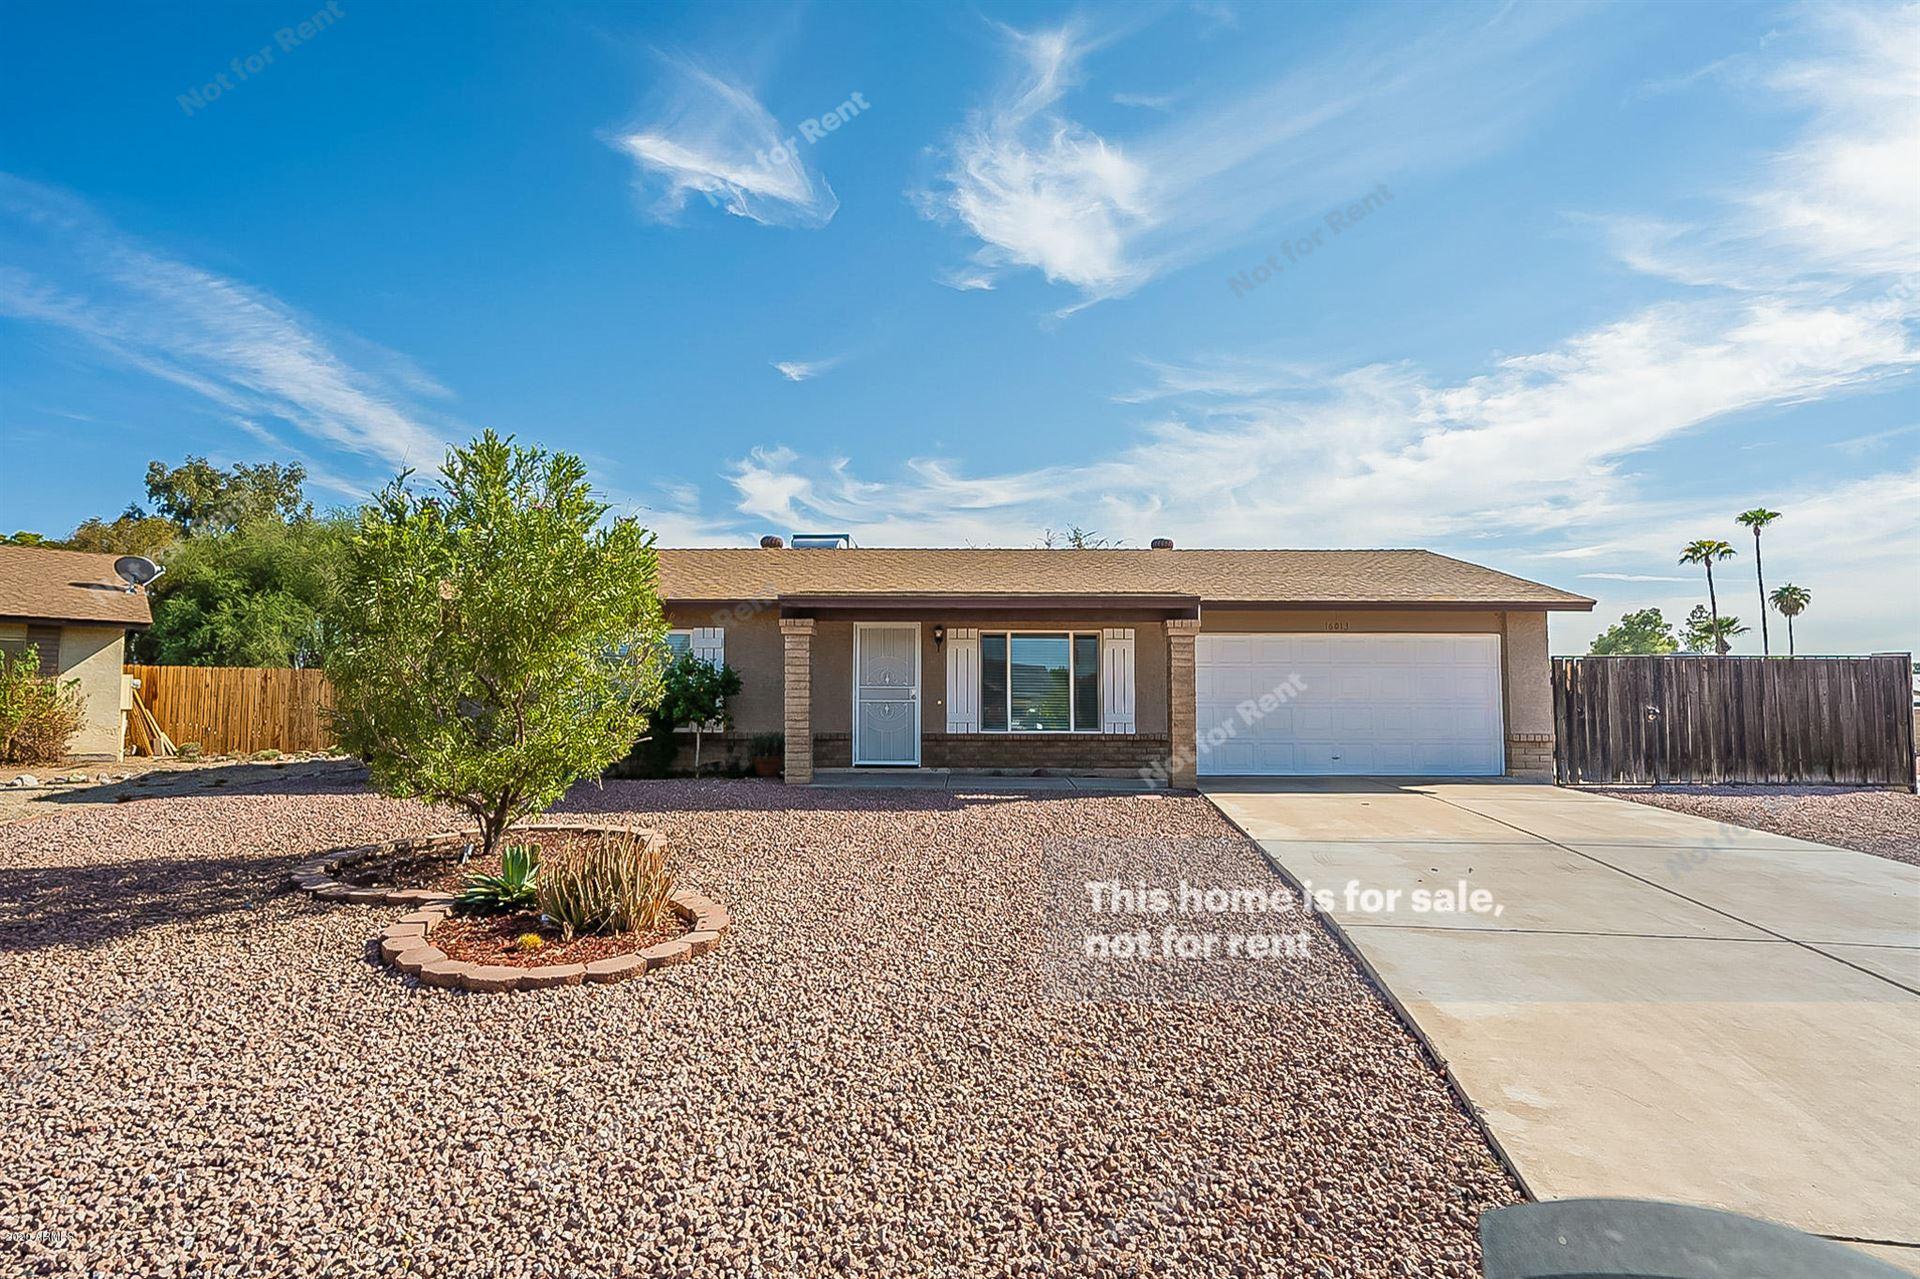 16013 N 30TH Drive, Phoenix, AZ 85053 - MLS#: 6143635